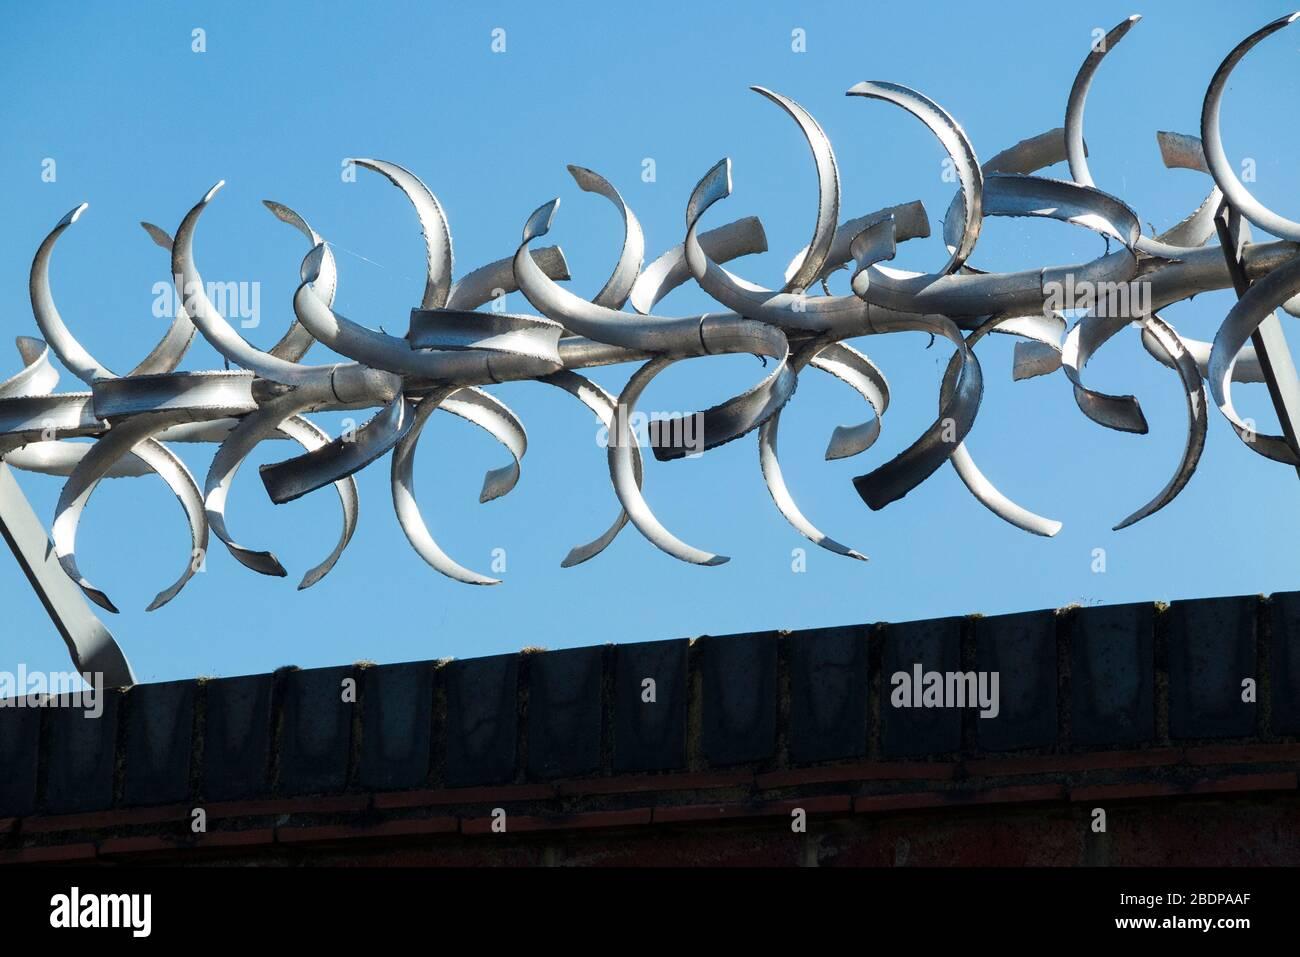 Pared de ladrillo alta y alta con moderna barrera de seguridad giratoria con púas curvas / bordes de álabes de afeitar en la parte superior, para fines de seguridad. (116) Foto de stock